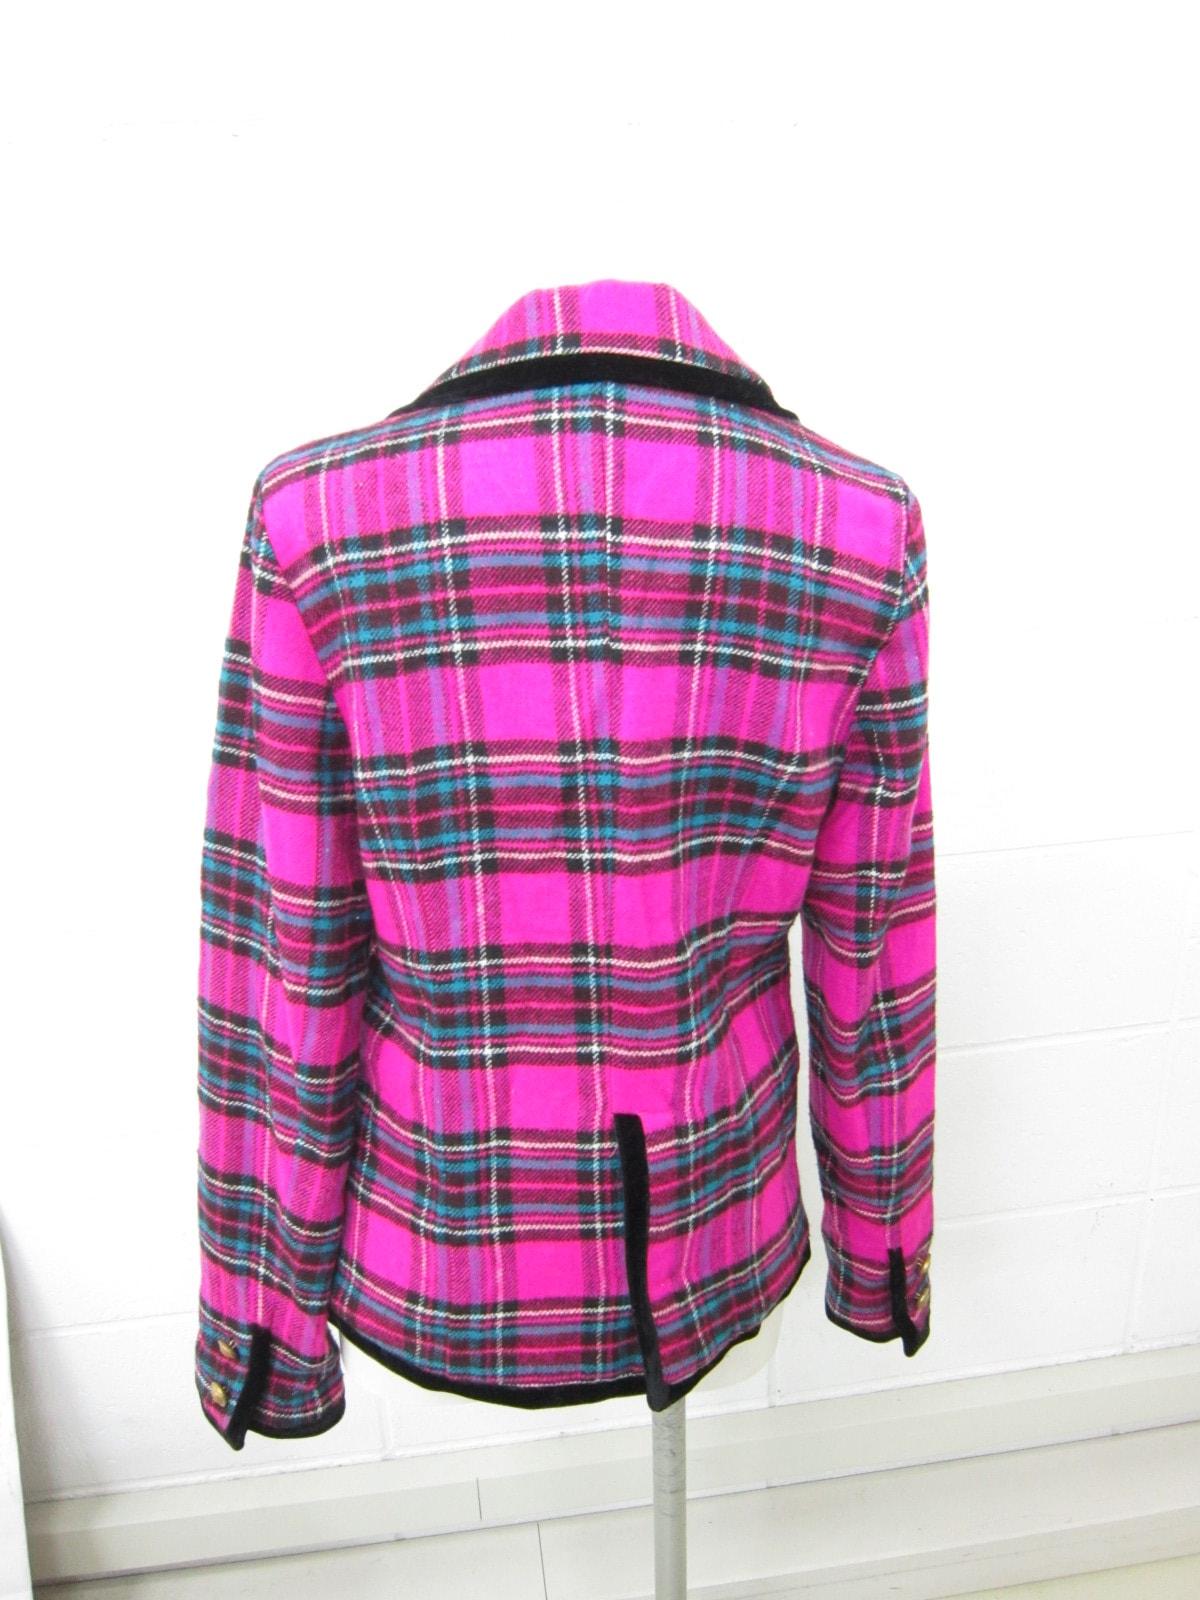 galaxxxy(ギャラクシー)のジャケット